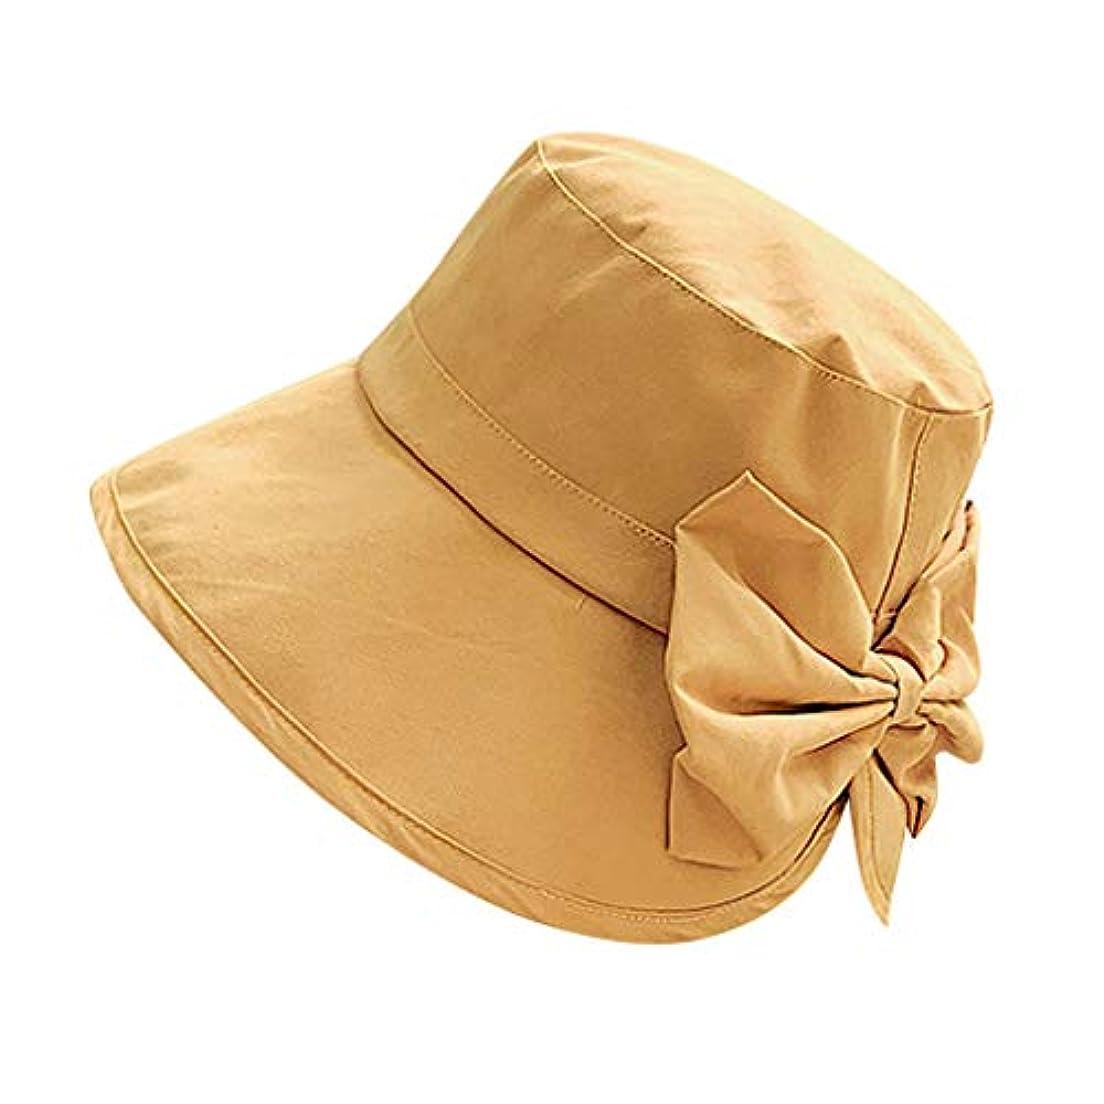 ブロック促進するドーム女性 帽子 レディース UVカット ハット女の子 つば広い 漁師帽 女優帽 小顔効果 紫外線 対策 レディース 蝶結び UV 加工 リボン ハット ビーチ 日よけ テント ビーチサンダル ベレー帽 ROSE ROMAN